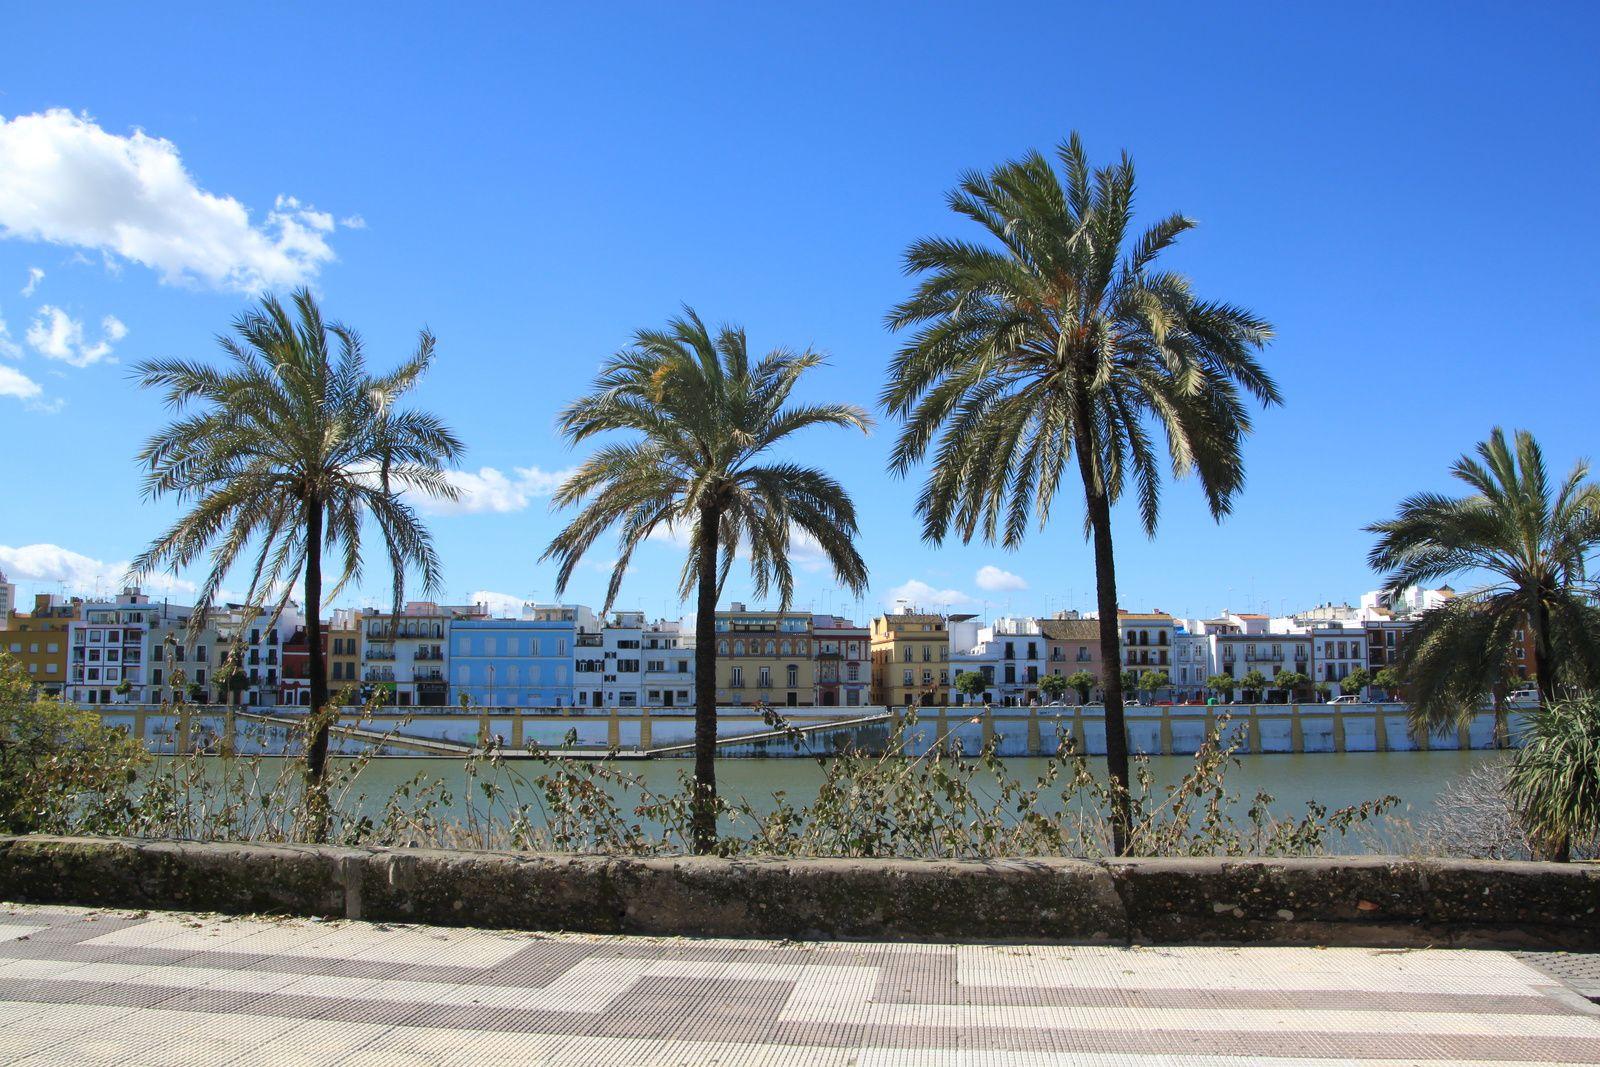 Instant photo à Séville, Espagne